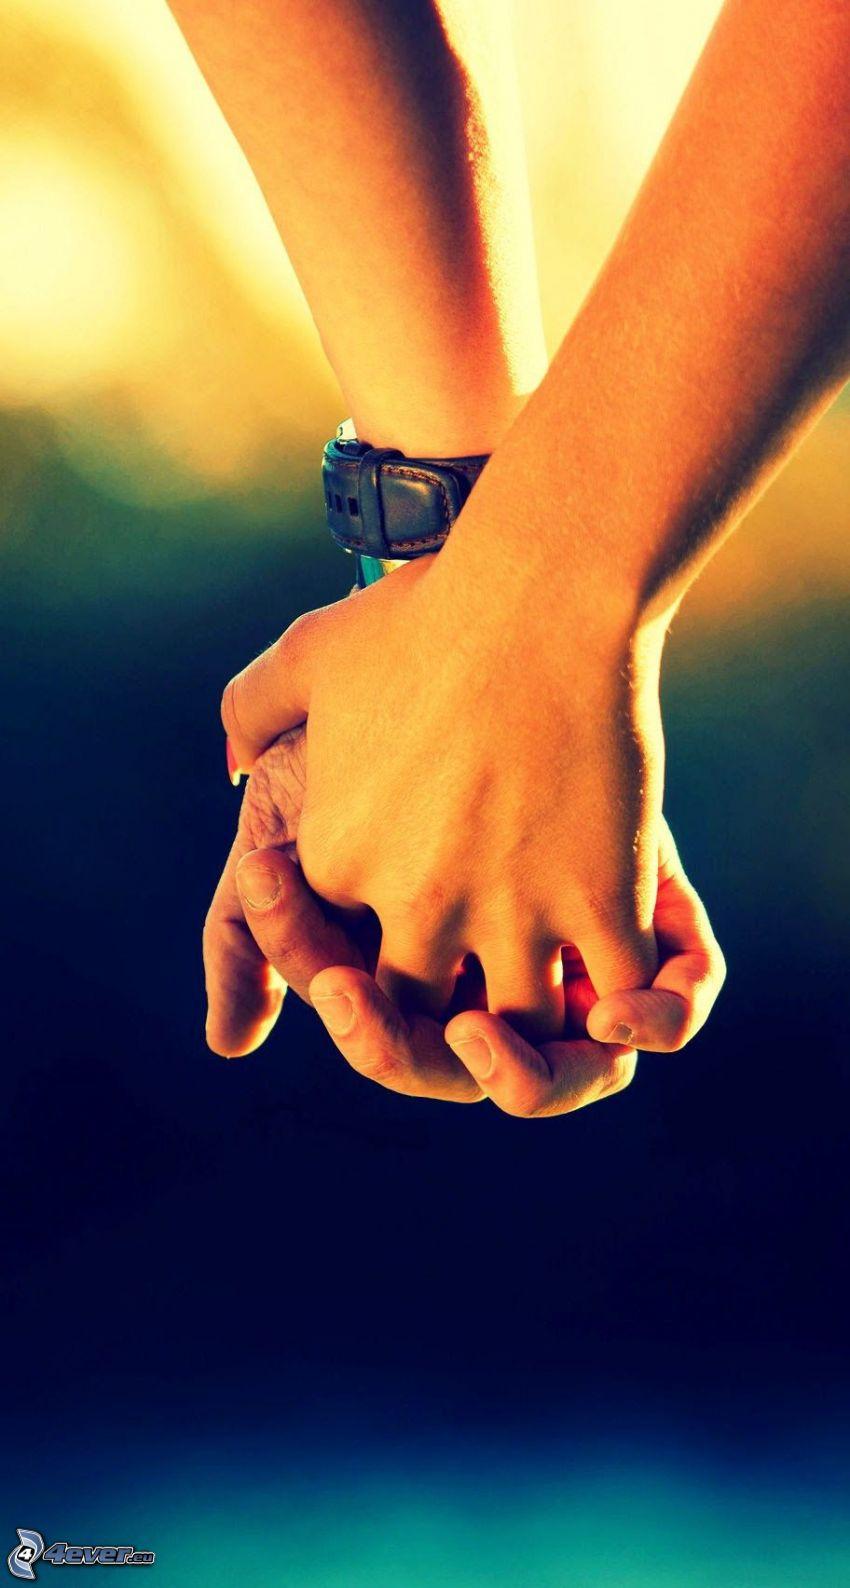 kéz a kézben, karóra